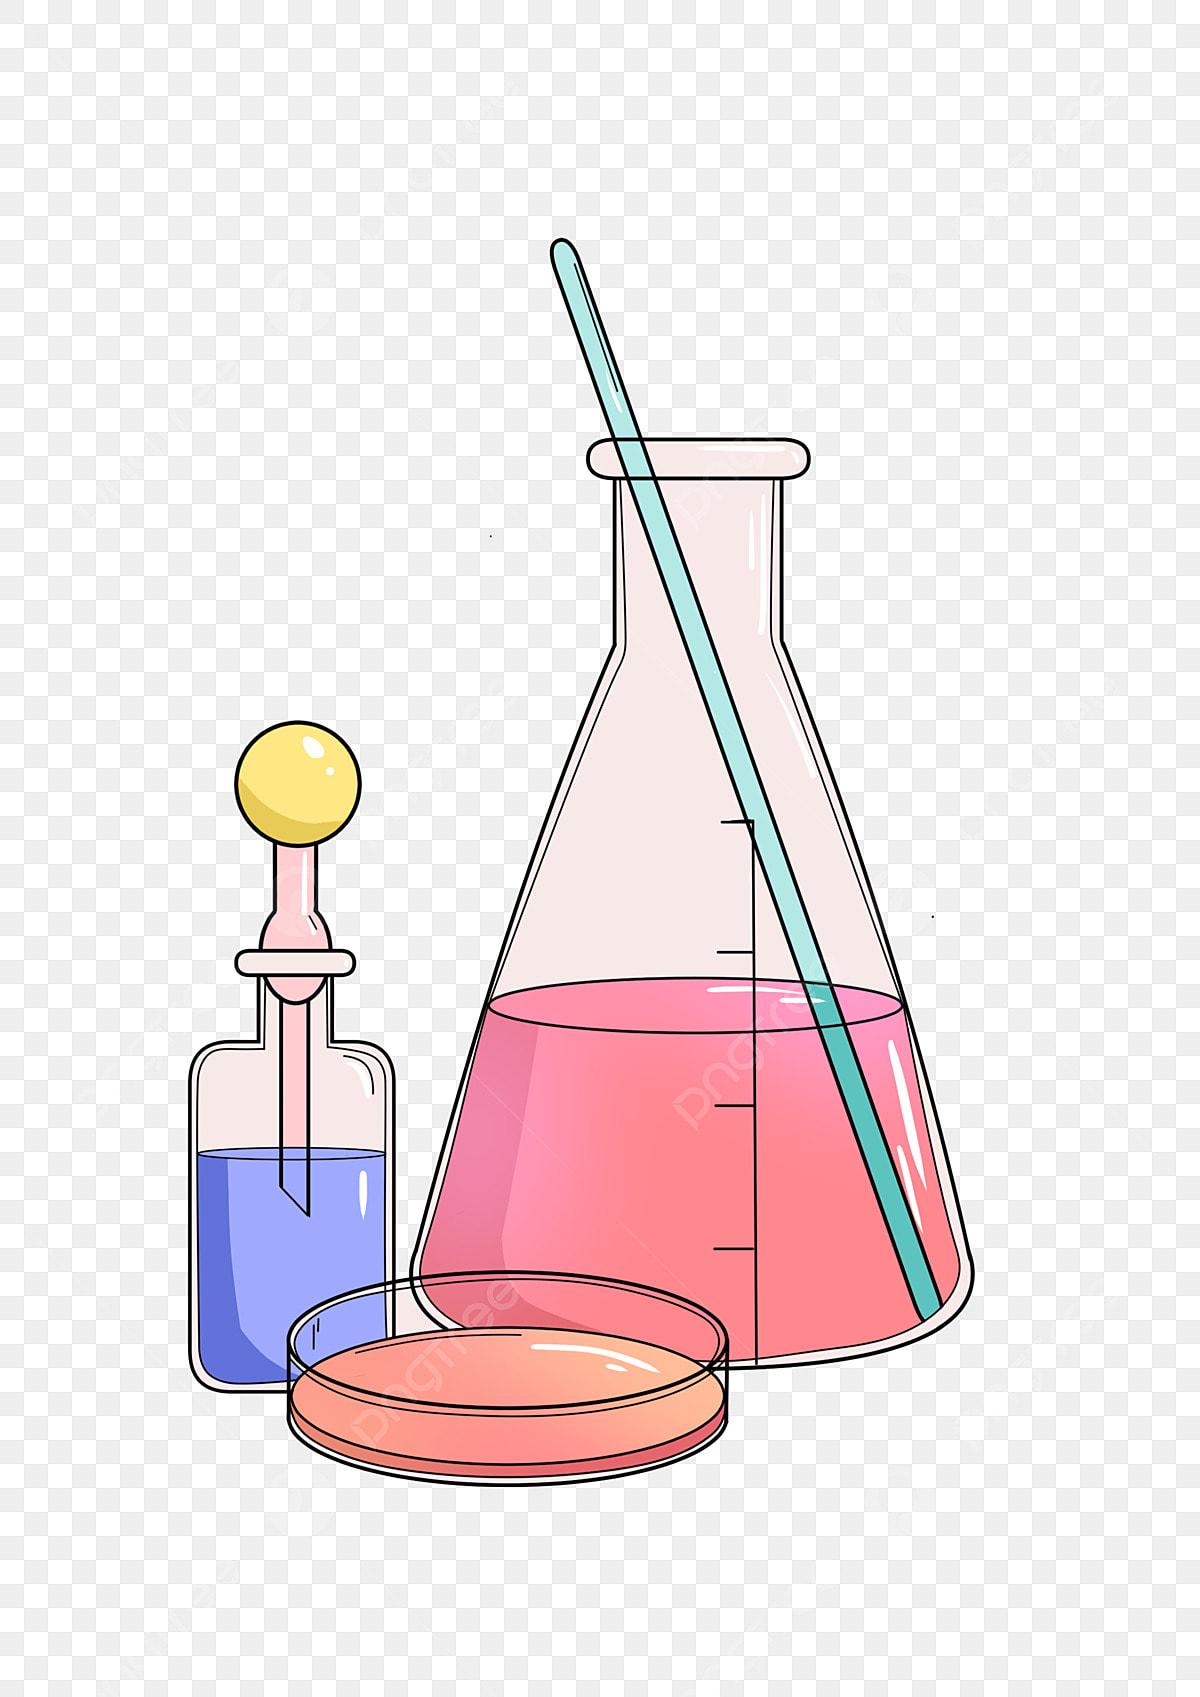 الكيمياء قارورة مخروطية مقايسة الكيميائية قارورة قارورة مخروطية الكرتون Png وملف Psd للتحميل مجانا